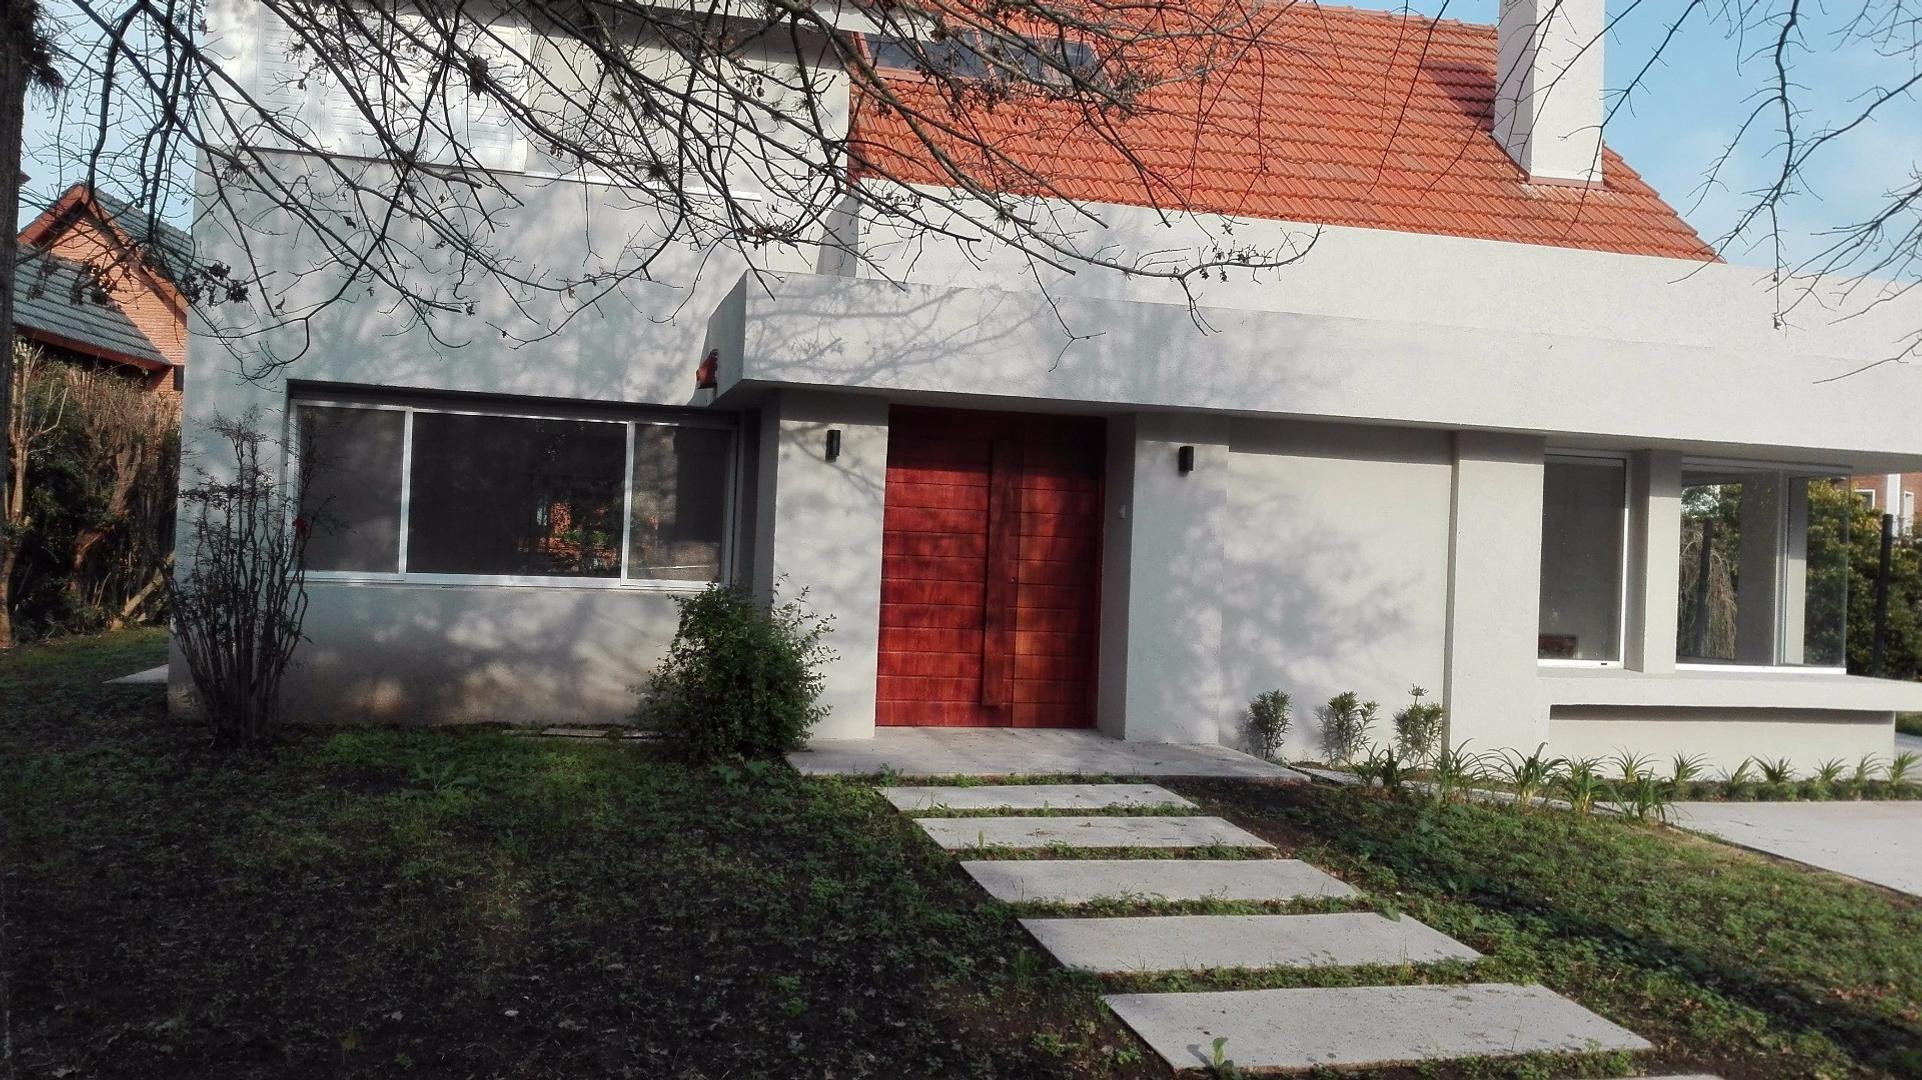 TOTALMENTE RECICLADA  A NUEVO - Tres dormitorios uno en suite con vestidor  dependencia Gran piscina